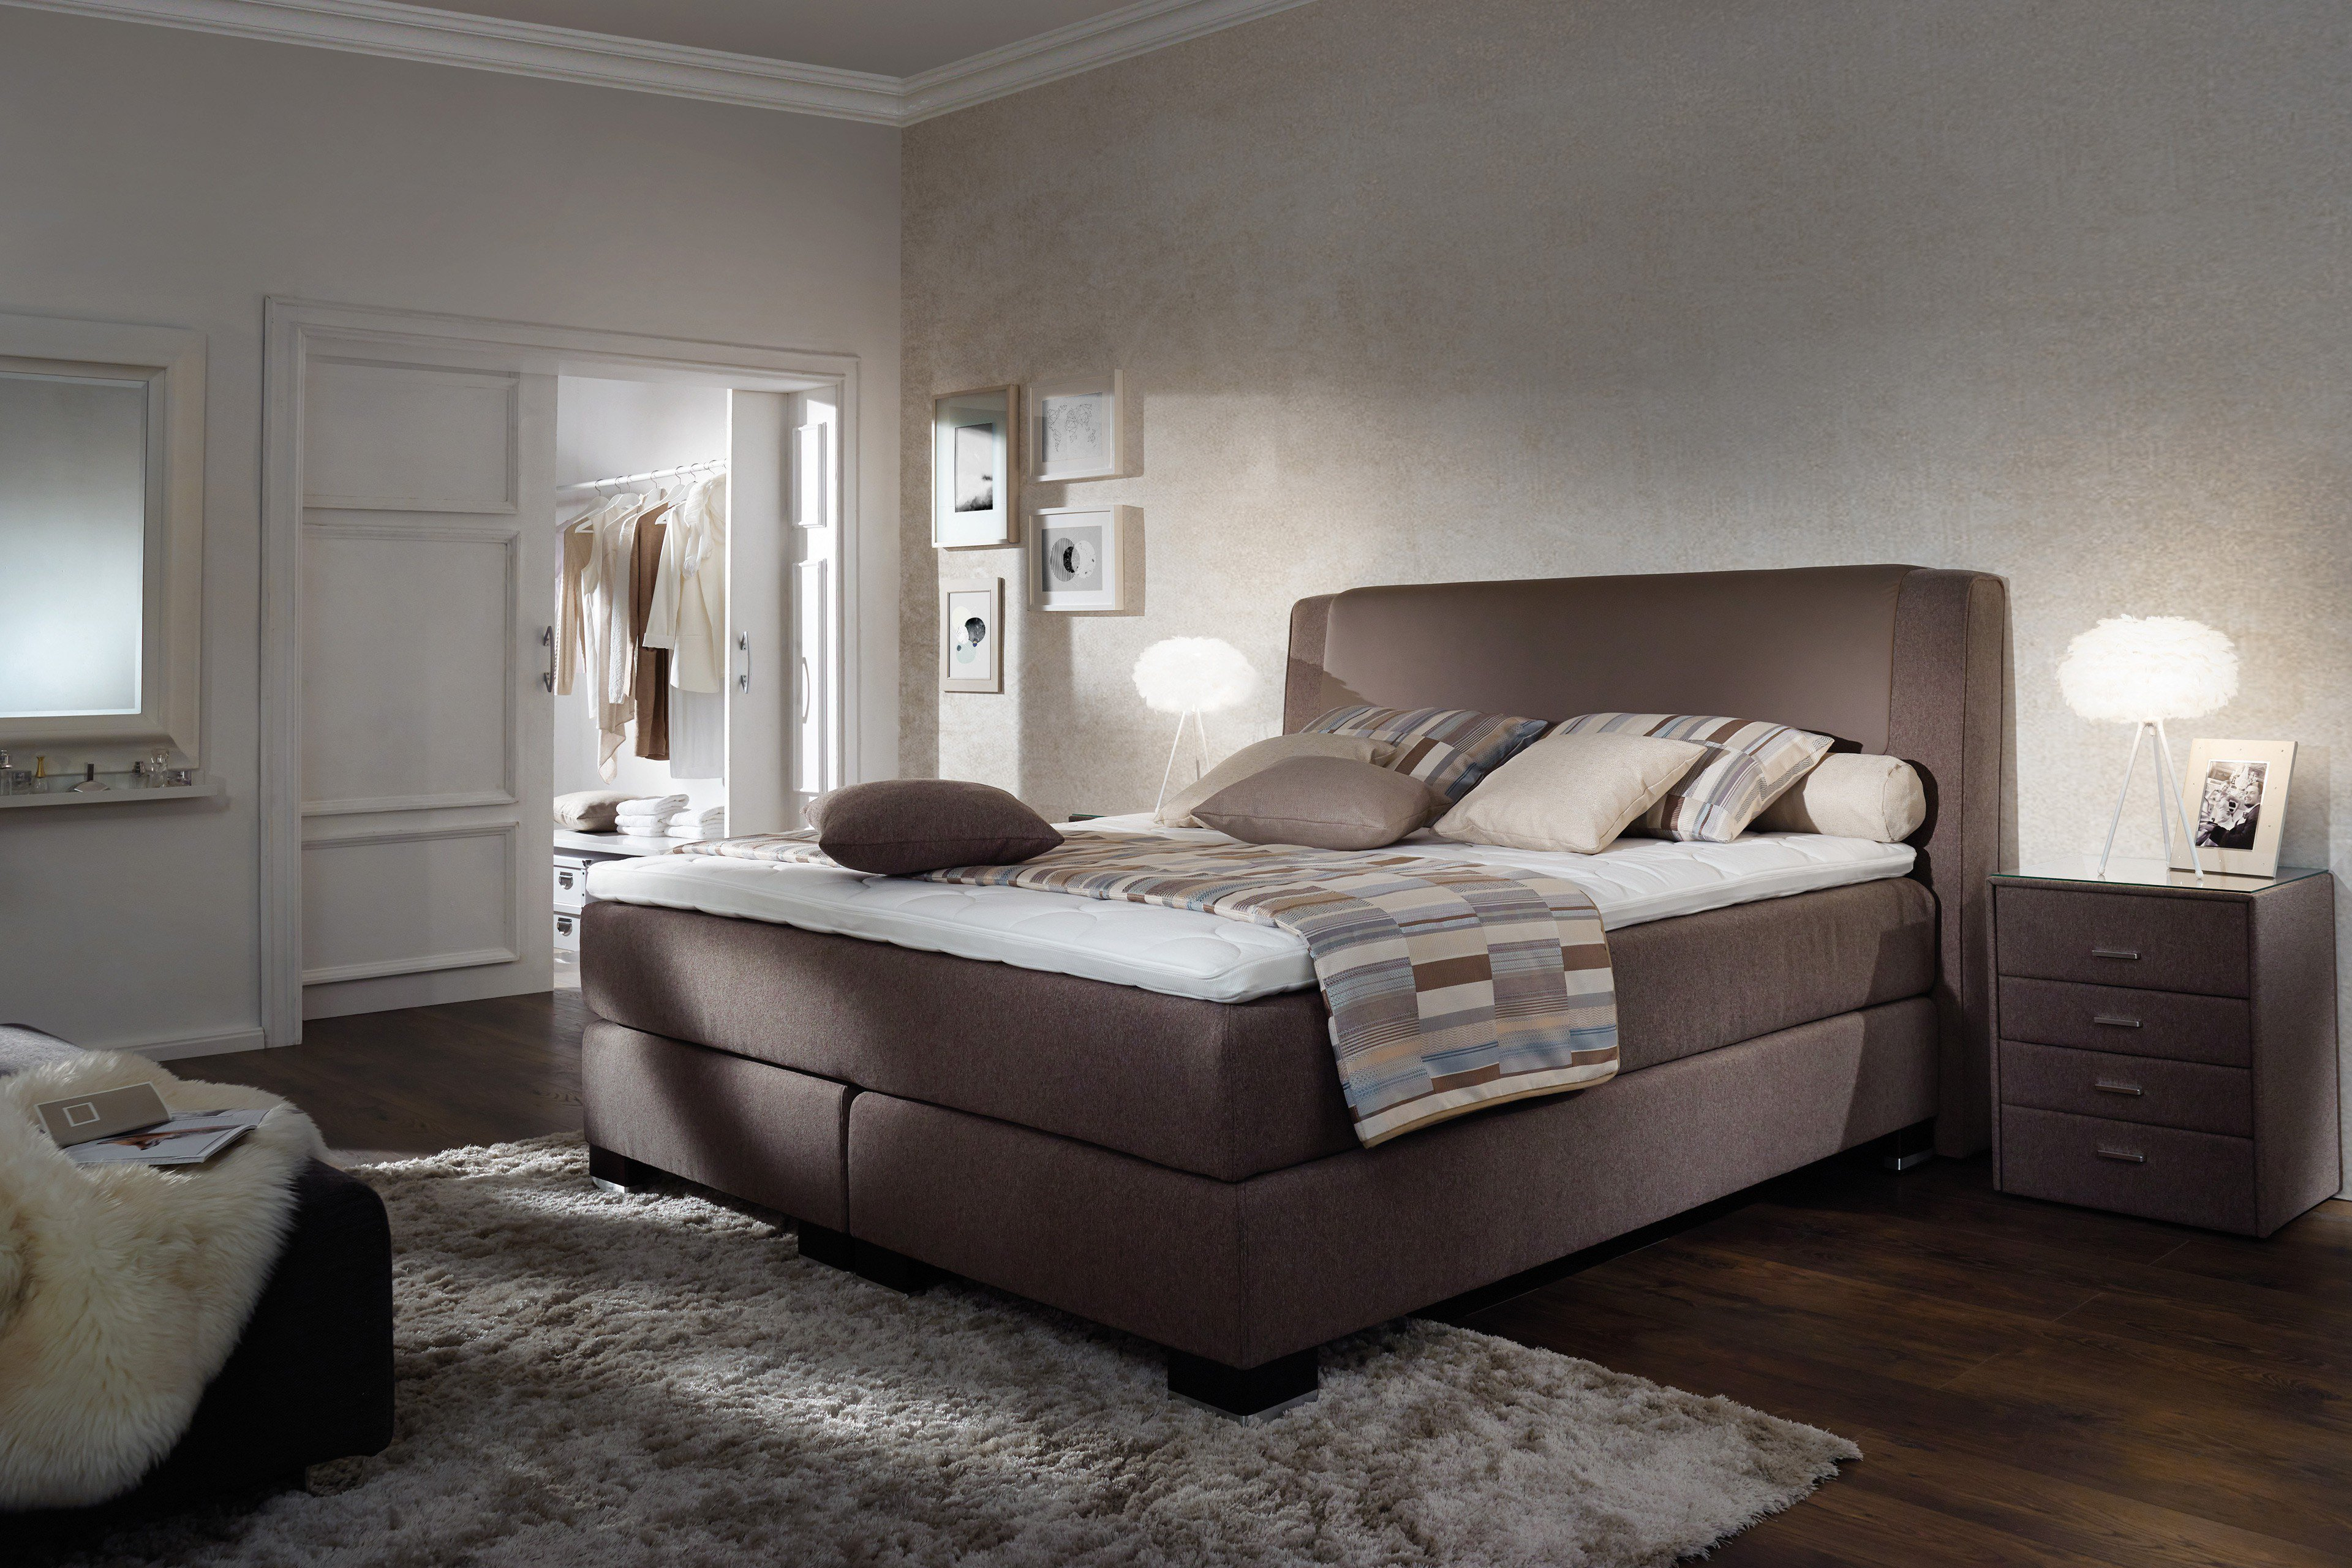 oschmann belcanto marina boxspringbett in braun schlamm m bel letz ihr online shop. Black Bedroom Furniture Sets. Home Design Ideas